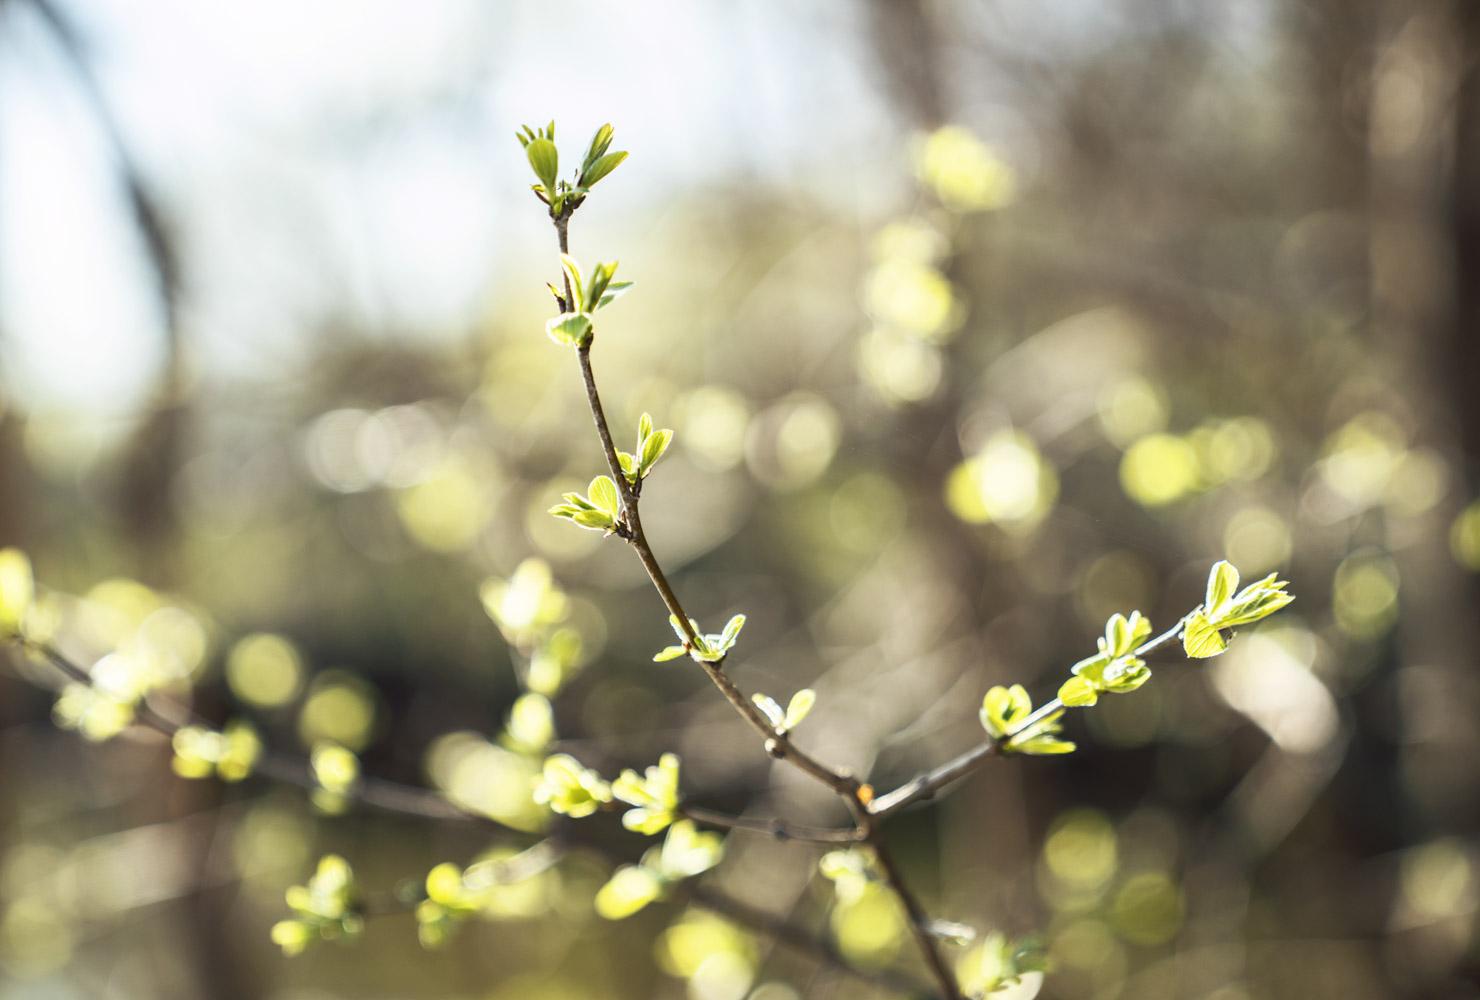 ftf_Spring Greenery Growing